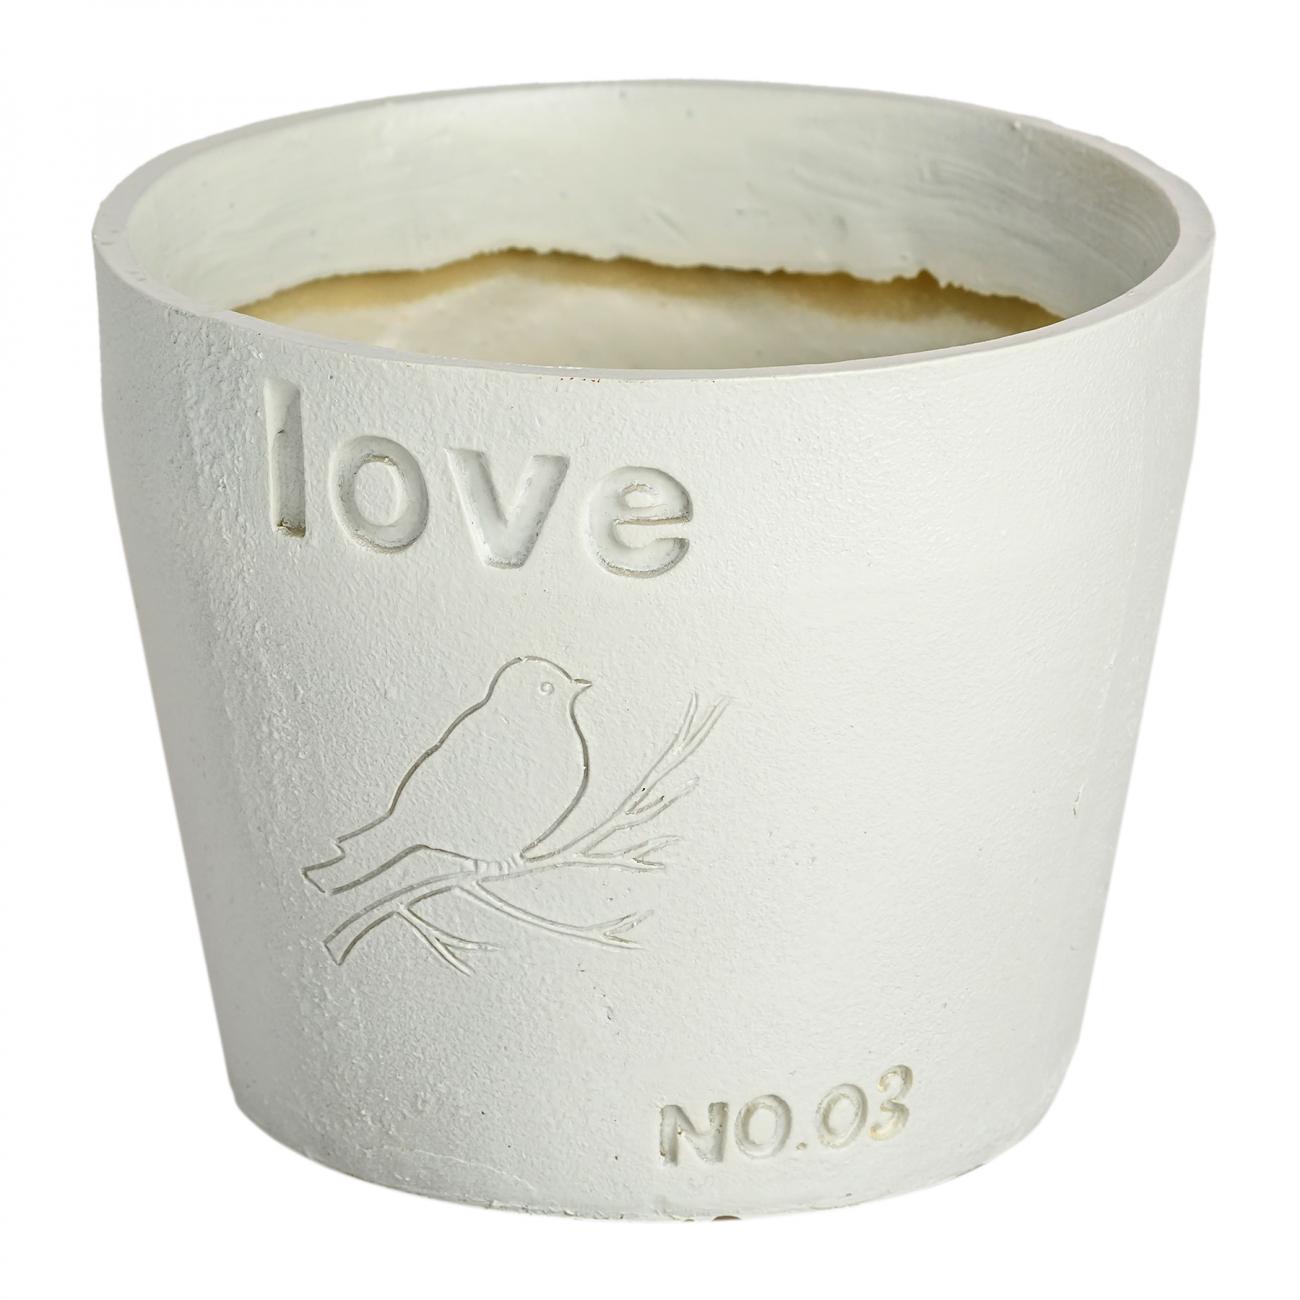 Купить Цветочный горшок Love Белый в интернет магазине дизайнерской мебели и аксессуаров для дома и дачи